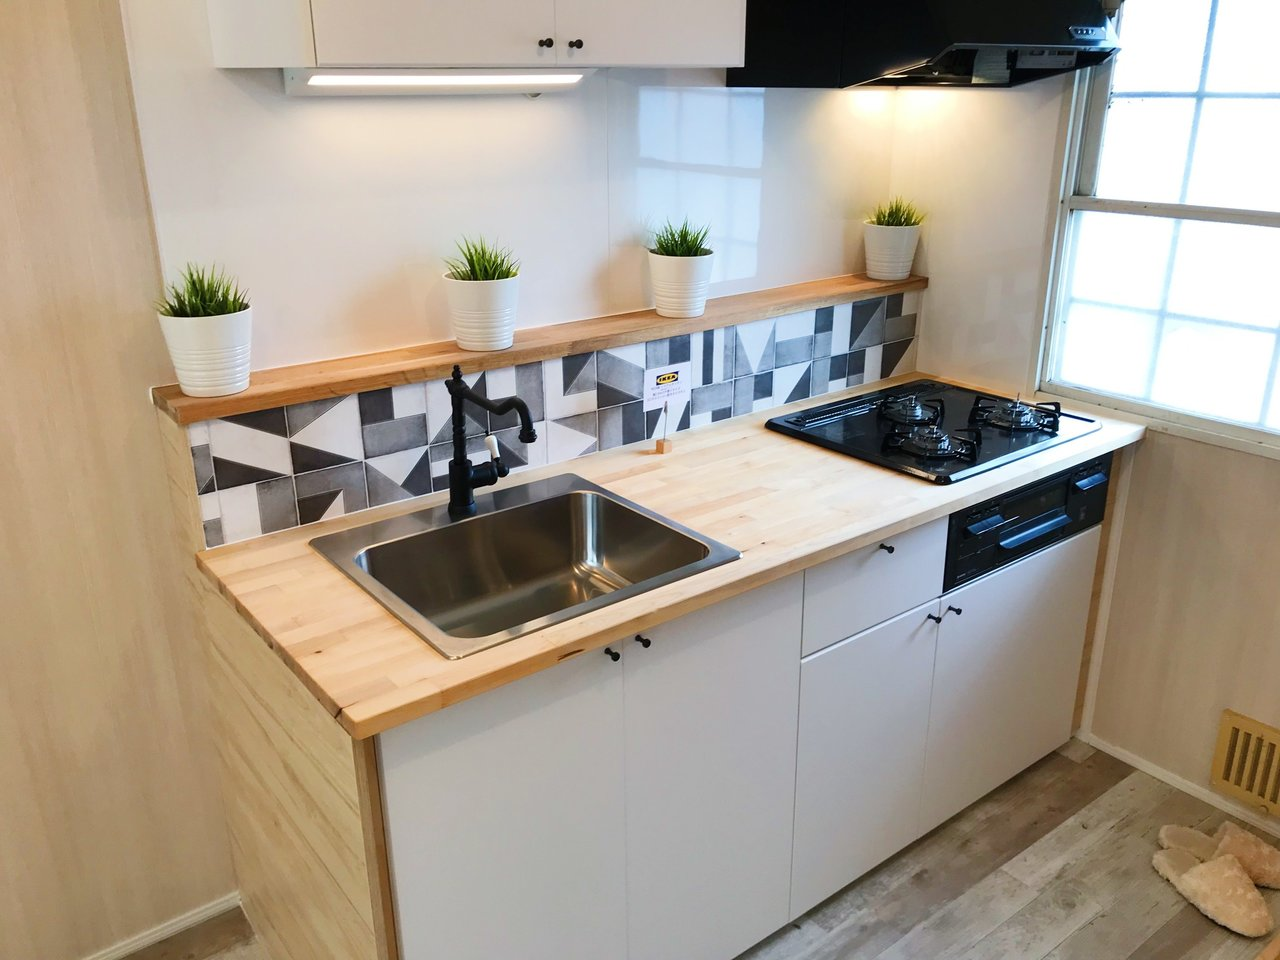 キッチンもおしゃれに。蛇口のアンティーク感、わかりますか。キッチン横の小窓もいいですね。明るい場所で料理をしましょう。